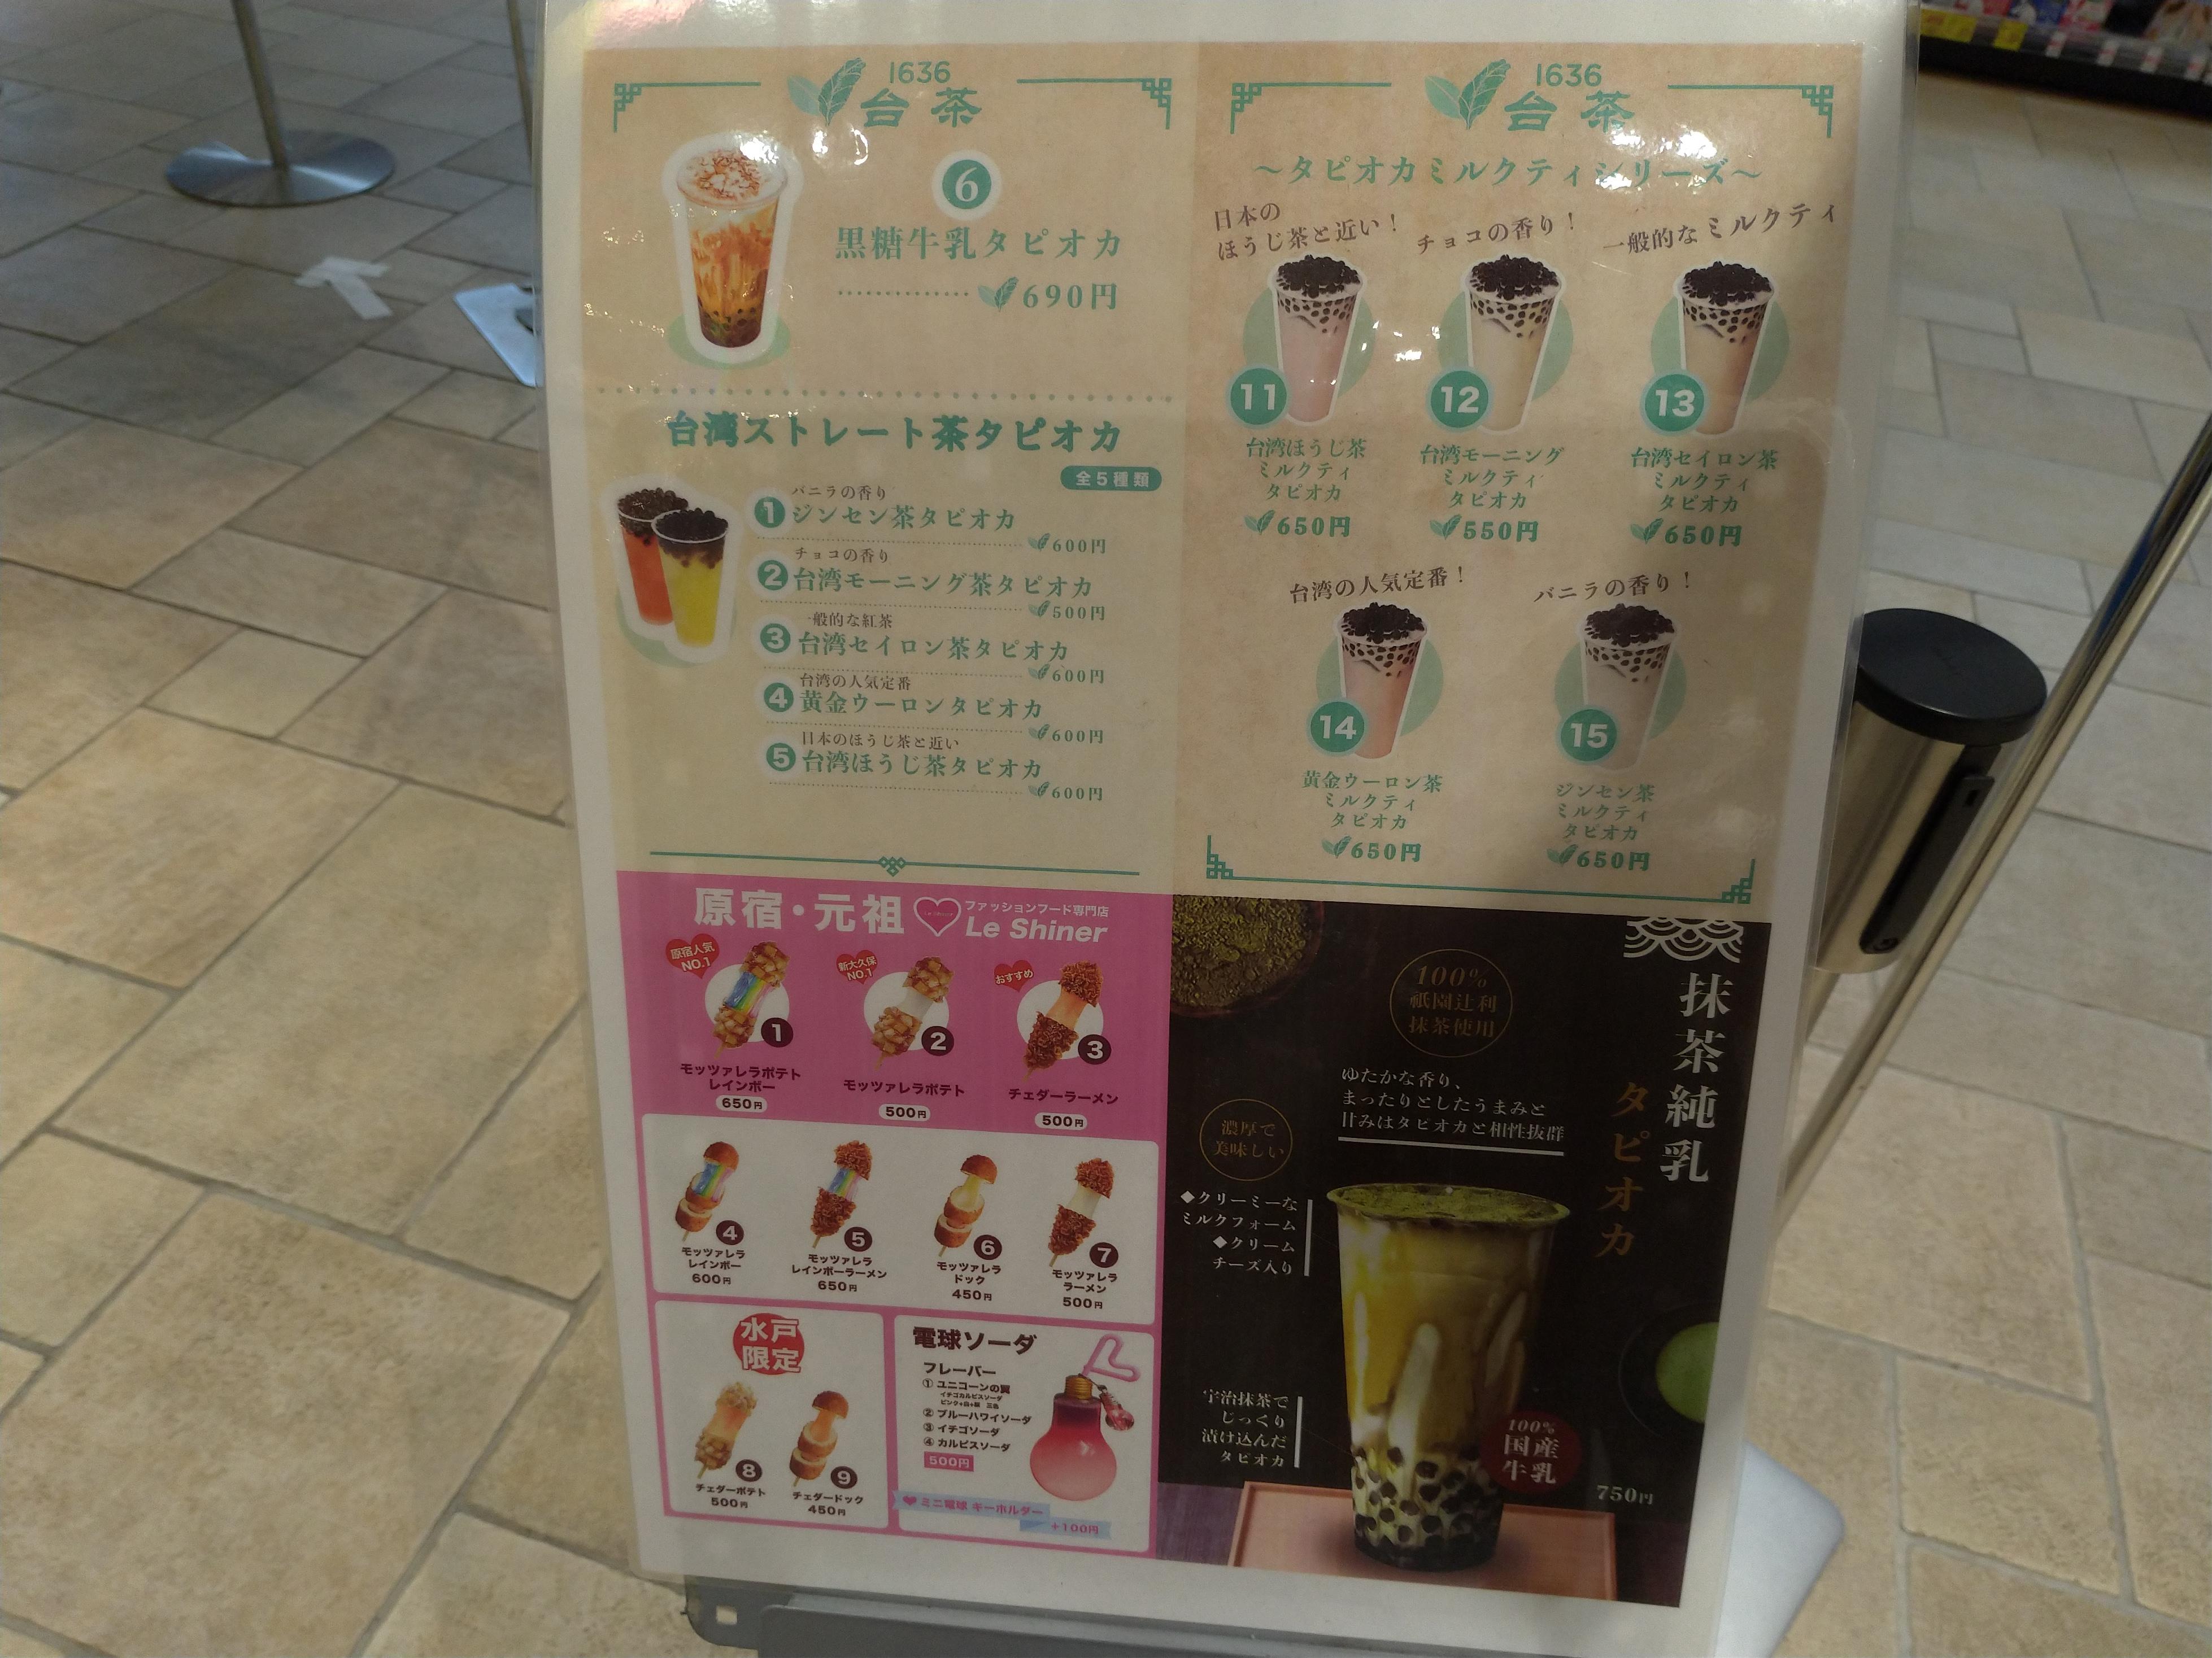 水戸駅 OPA(オ―パ) 台茶1636 メニュー